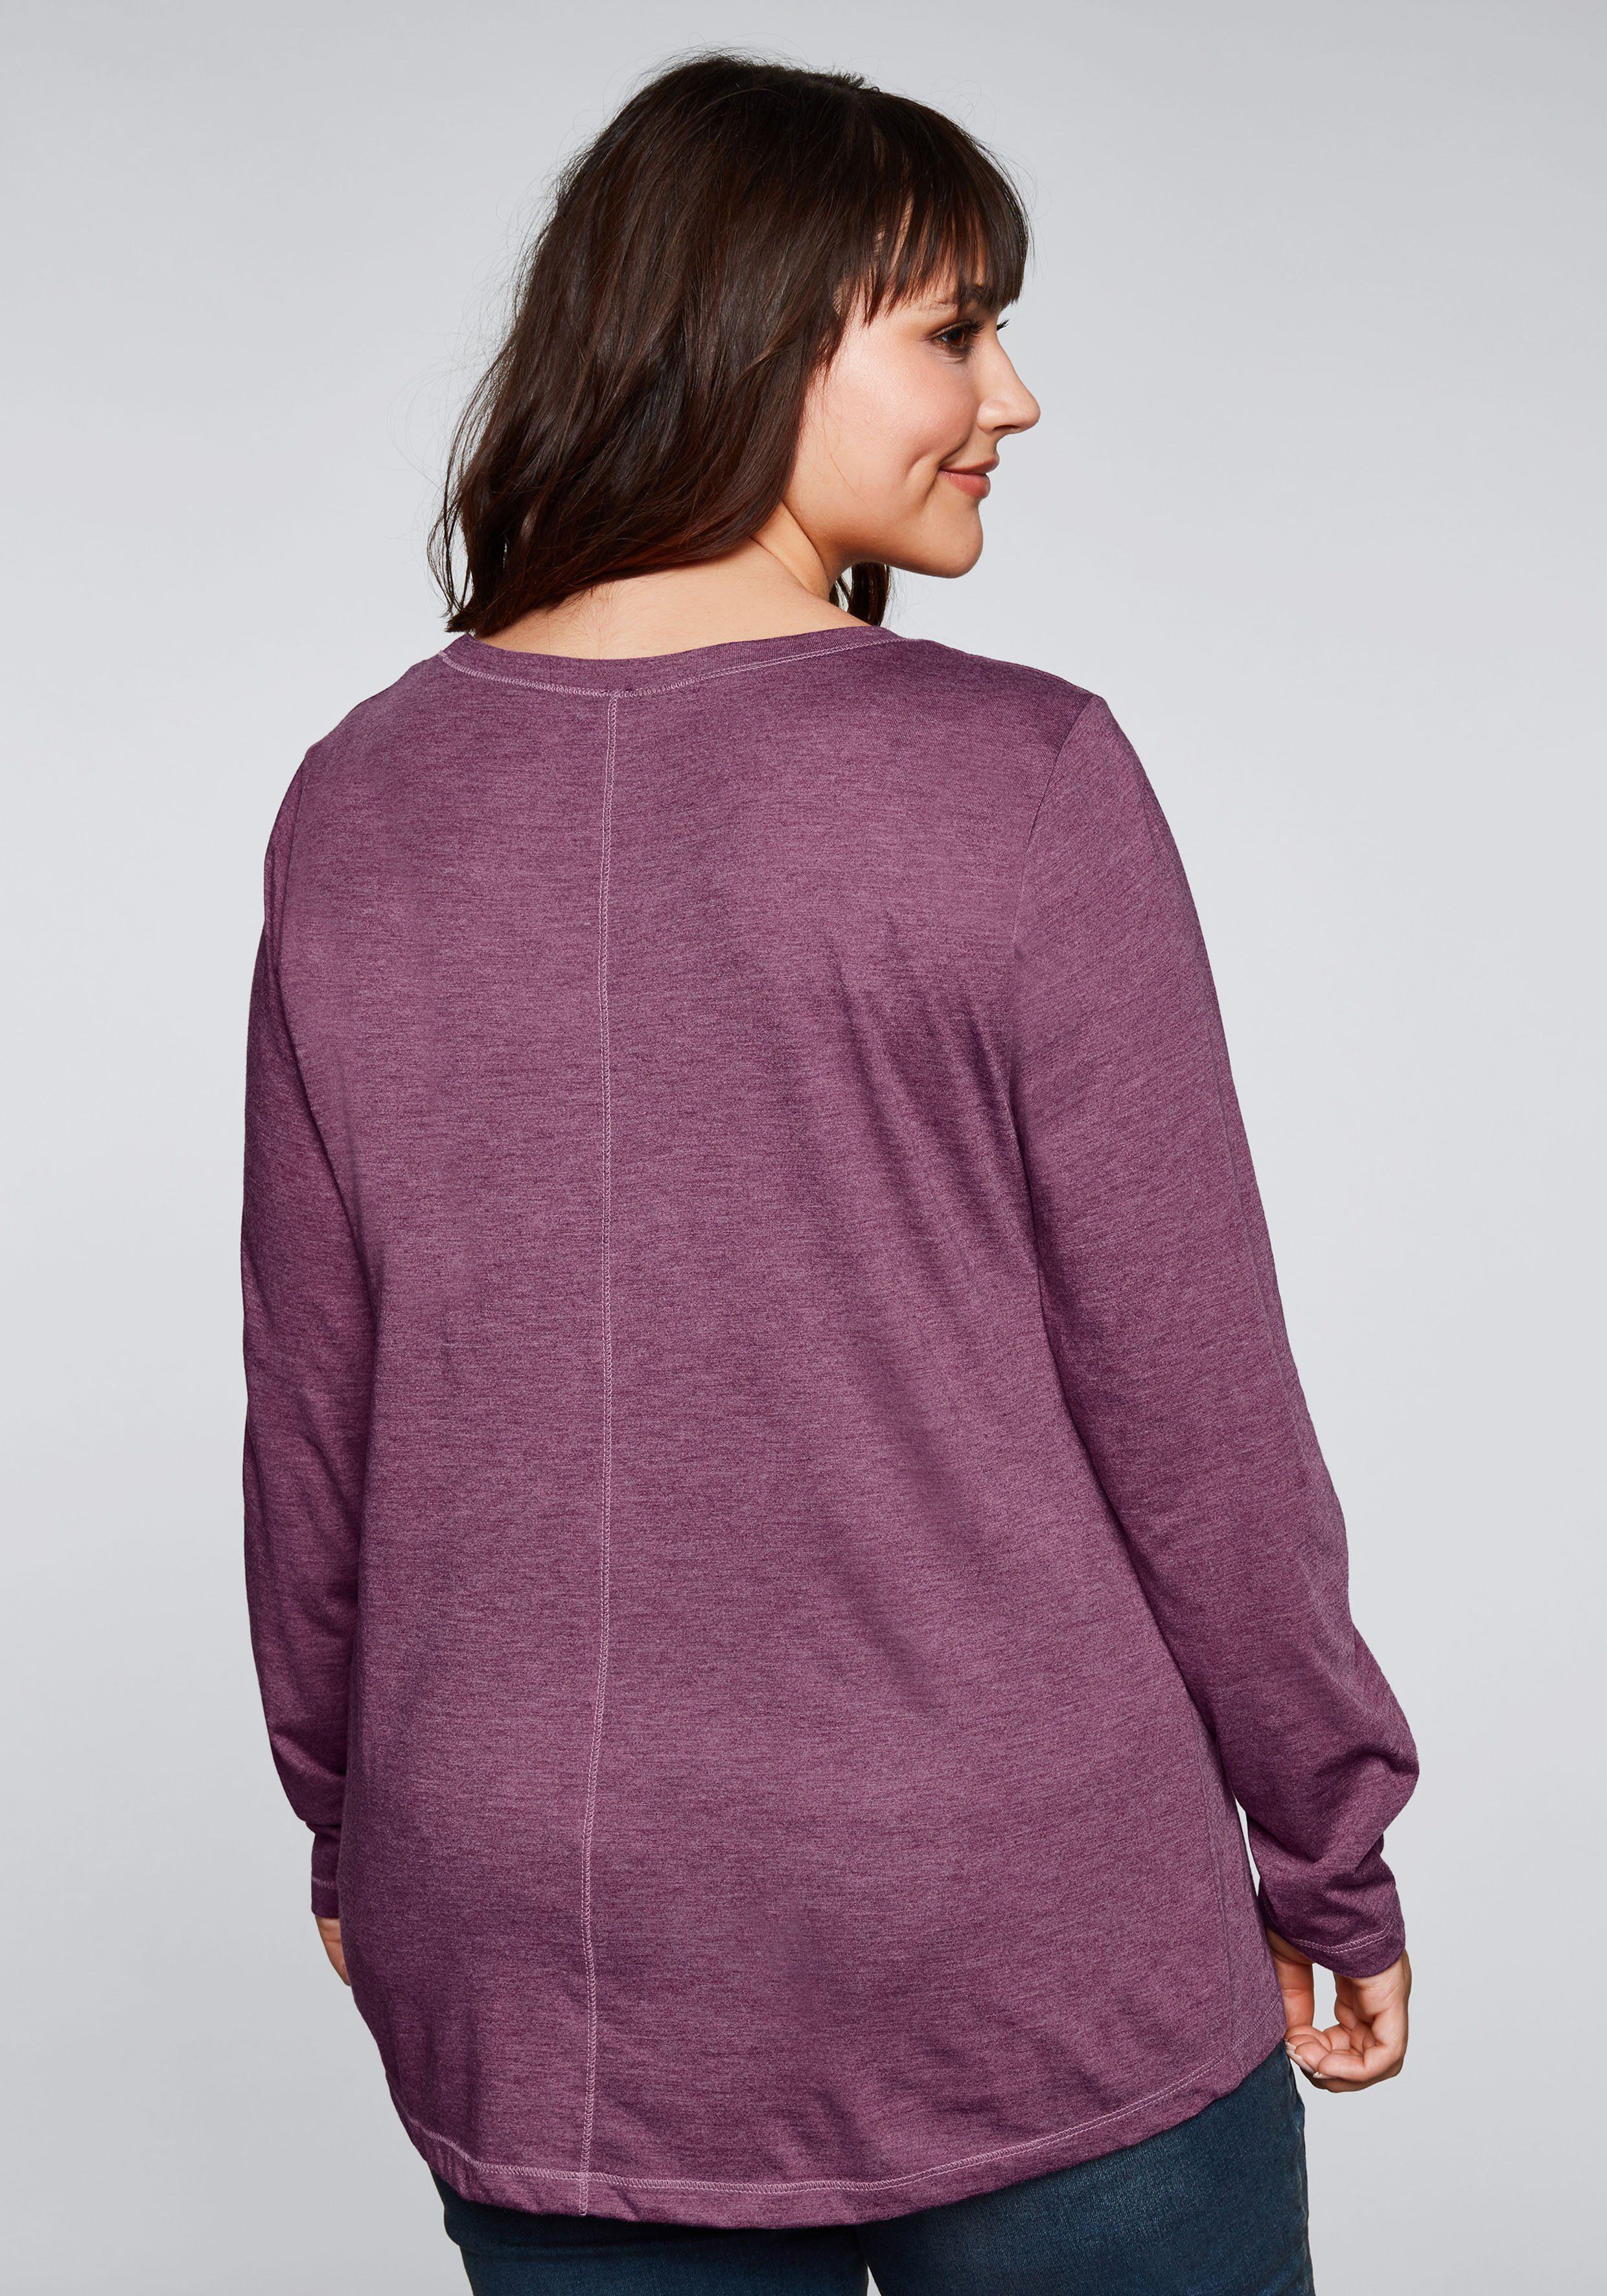 Sheego Casual Shirt Met Lange Mouwen Online Verkrijgbaar - Geweldige Prijs